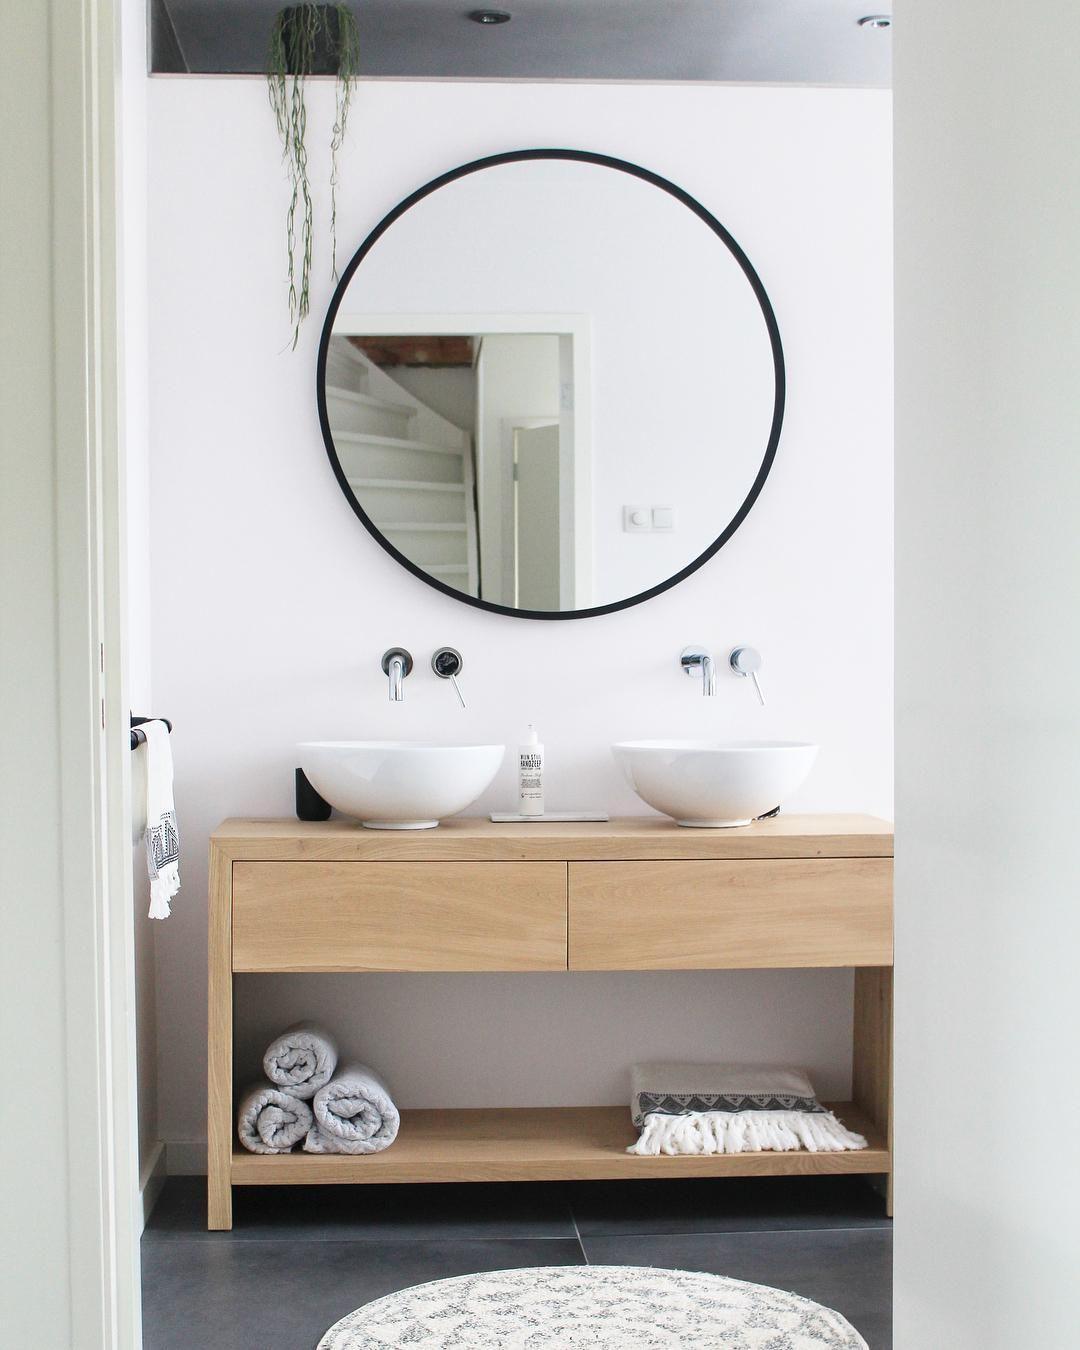 Zuruckhaltende Eleganz Der Wandspiegel Reflector Passt Mit Seinem